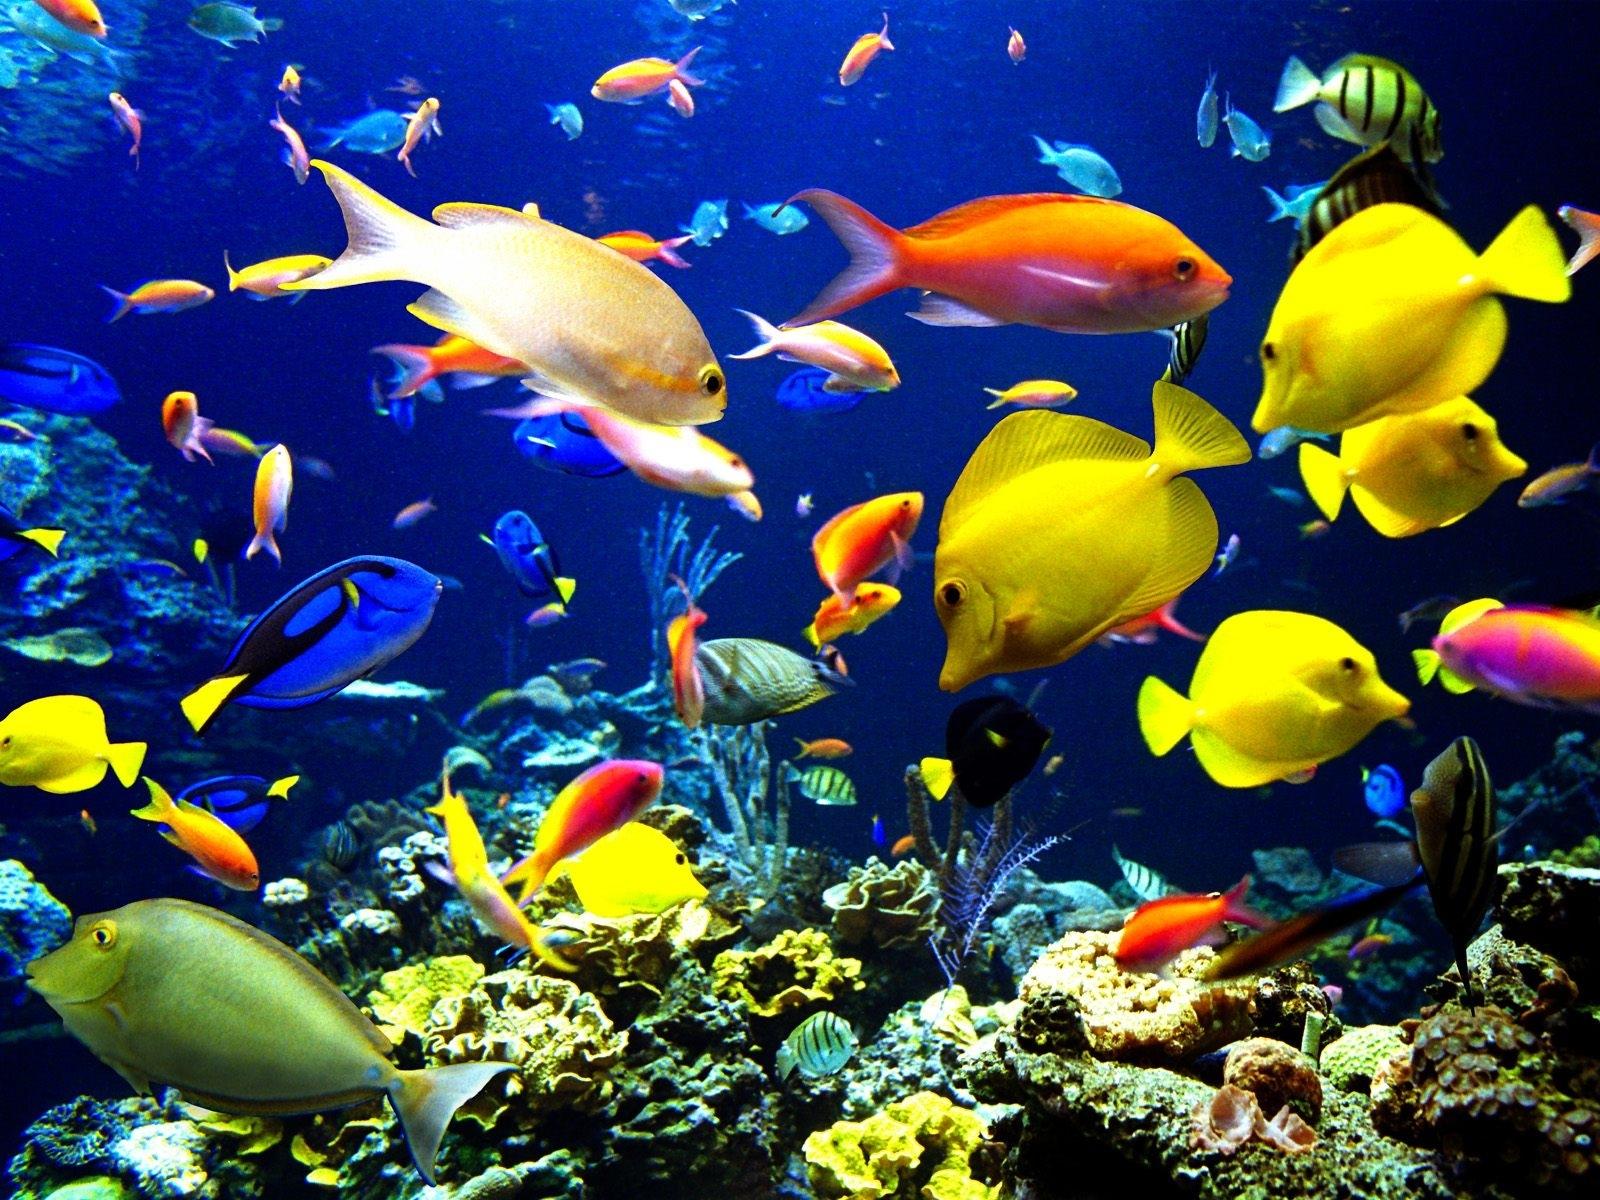 6449 Заставки и Обои Рыбы на телефон. Скачать Рыбы, Животные картинки бесплатно